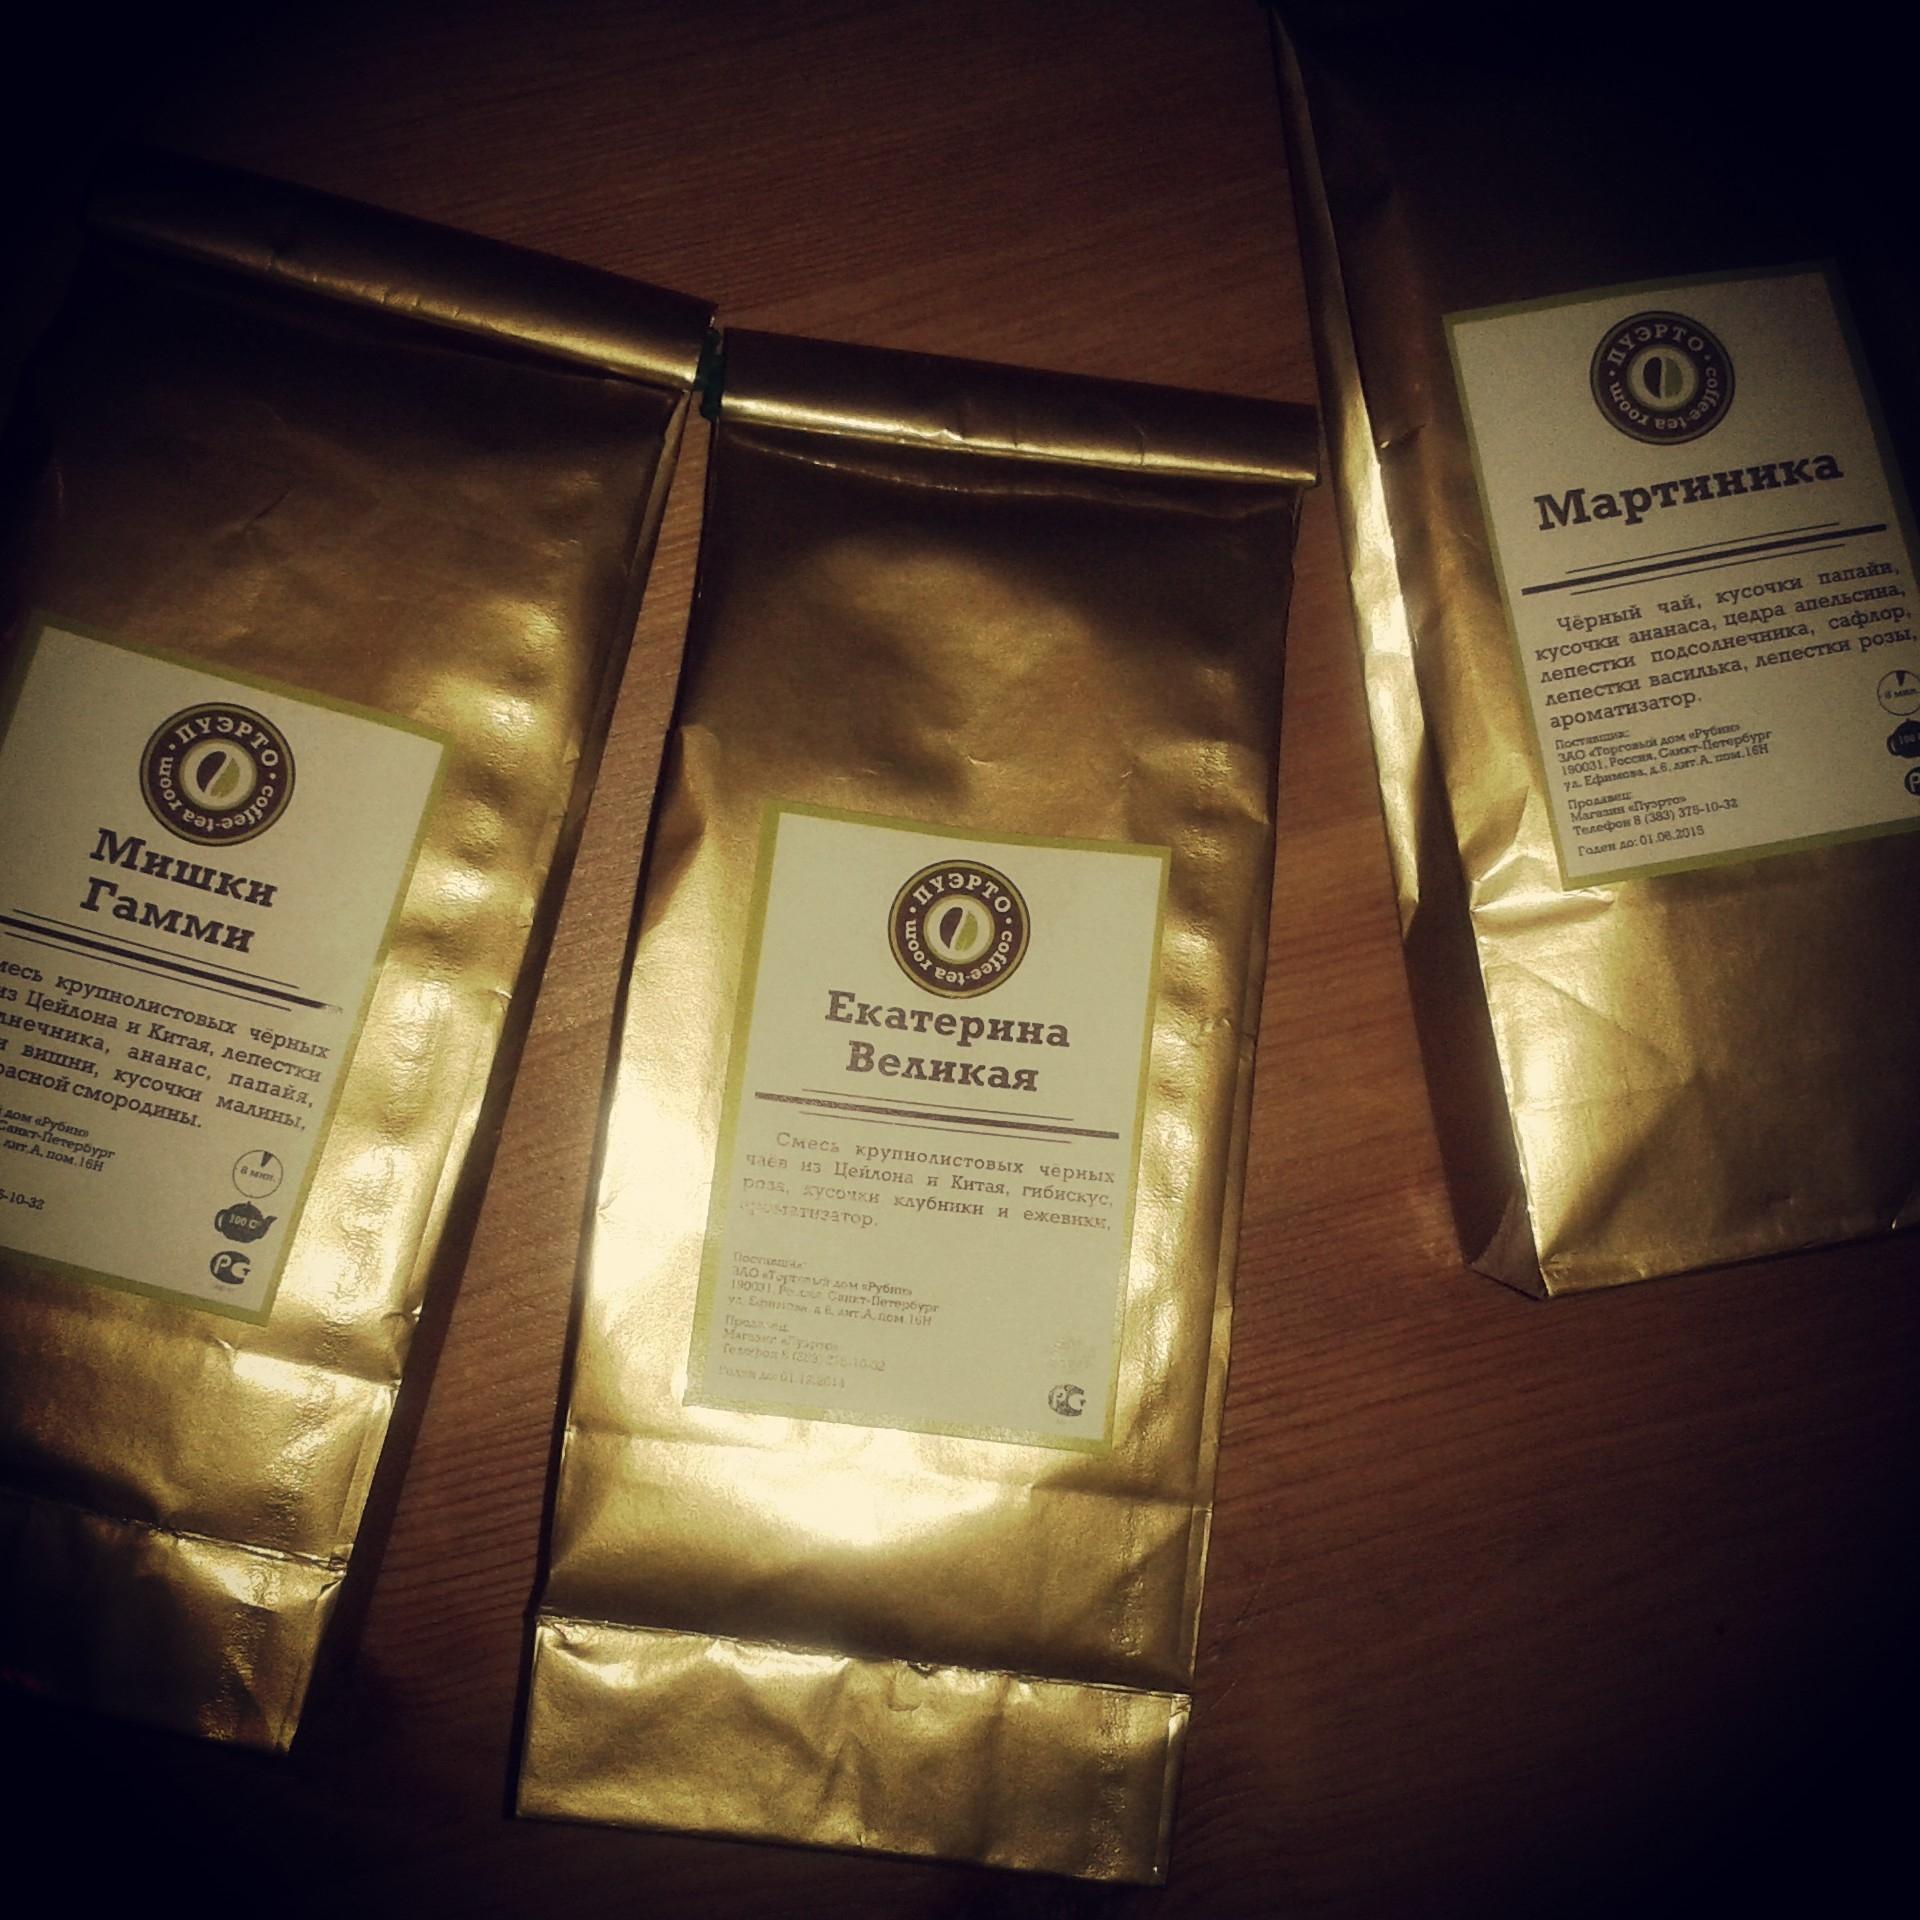 Пуэрто, магазин-кофейня в новосибирске - отзыв и оценка - katrina